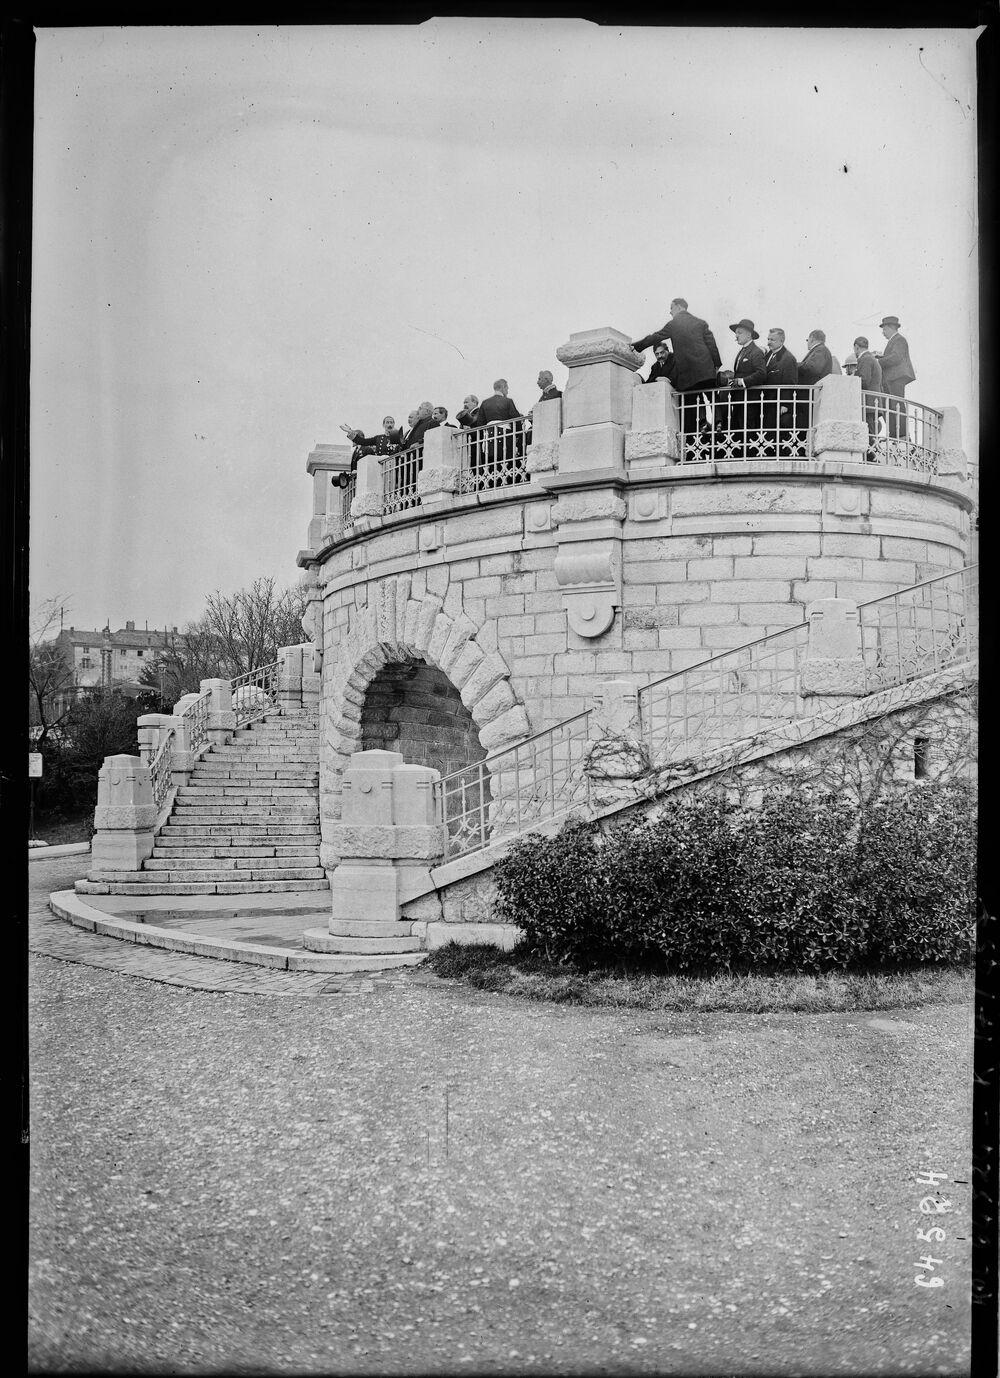 [Valence, Parc Jouvet, accés depuis le Champ de Mars, visite de M. Millerand le 15 mars 1921] : [photographie de presse] / [Agence Rol]